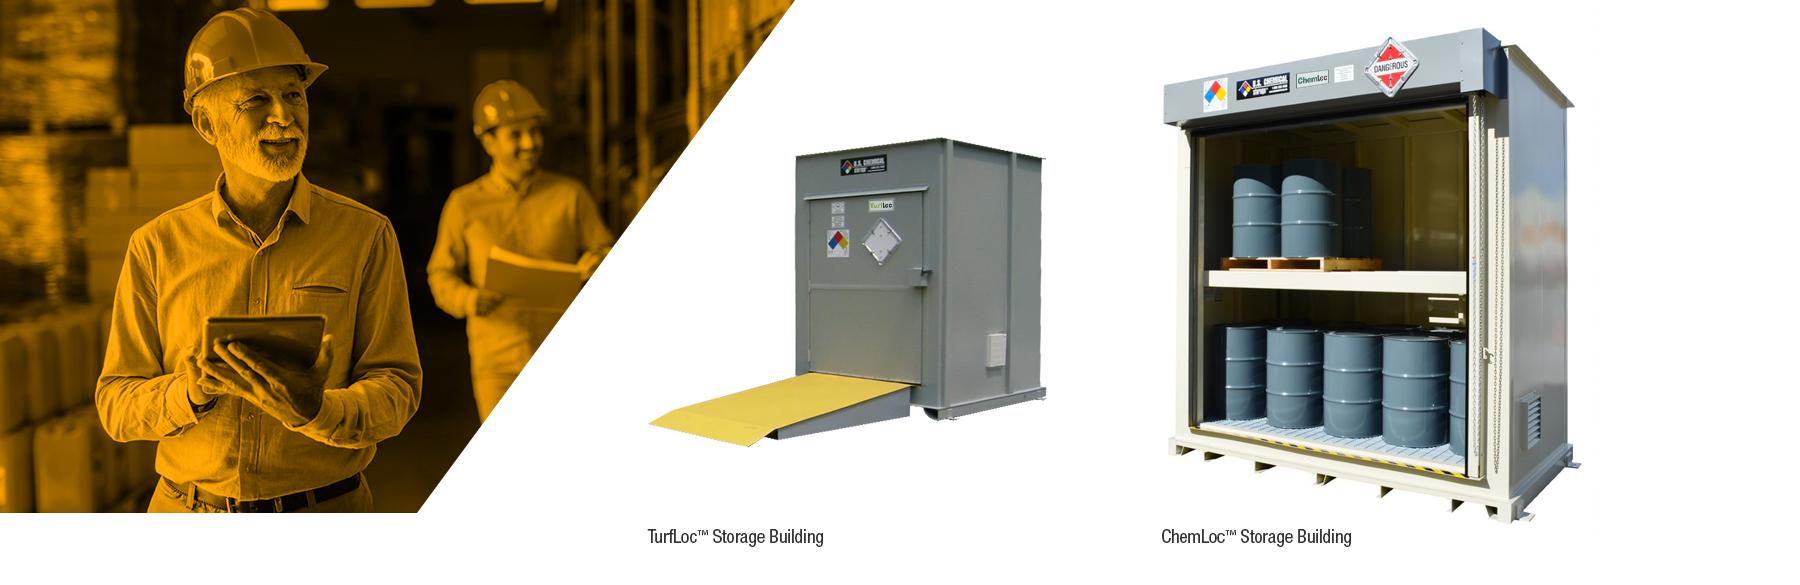 U.S. Chemical Storage hazardous storage buildings